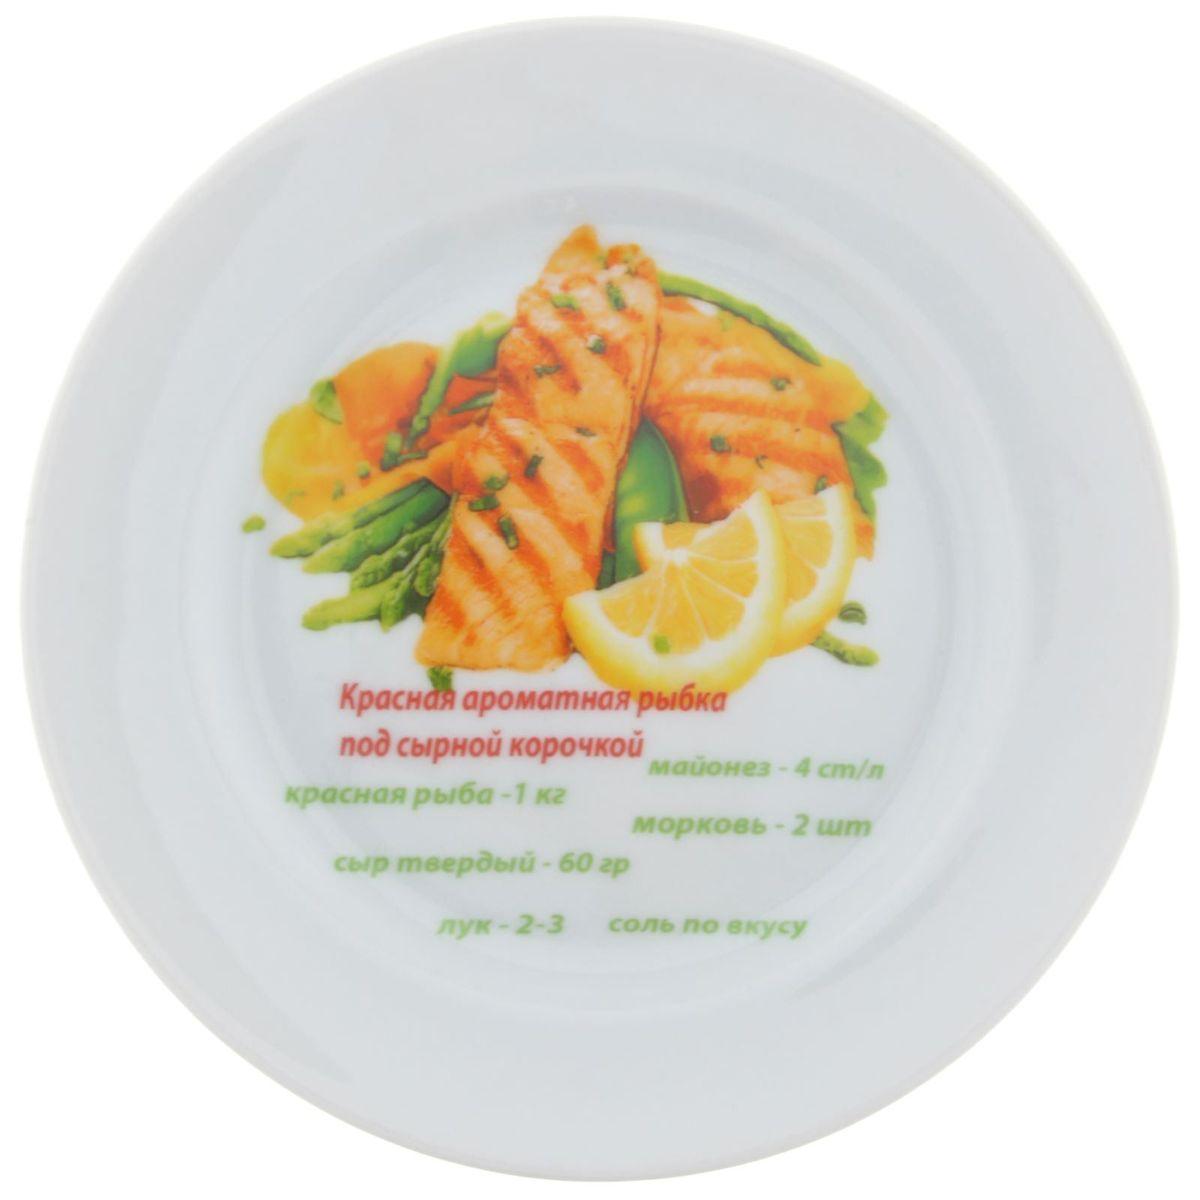 Тарелка мелкая Идиллия. Рецепты, диаметр 17 см1303796Глубокая тарелка Идиллия. Рецепты выполнена из высококачественного фарфора и украшена ярким изображением. Она прекрасно впишется в интерьер вашей кухни и станет достойным дополнением к кухонному инвентарю. Тарелка Идиллия. Рецепты подчеркнет прекрасный вкус хозяйки и станет отличным подарком.